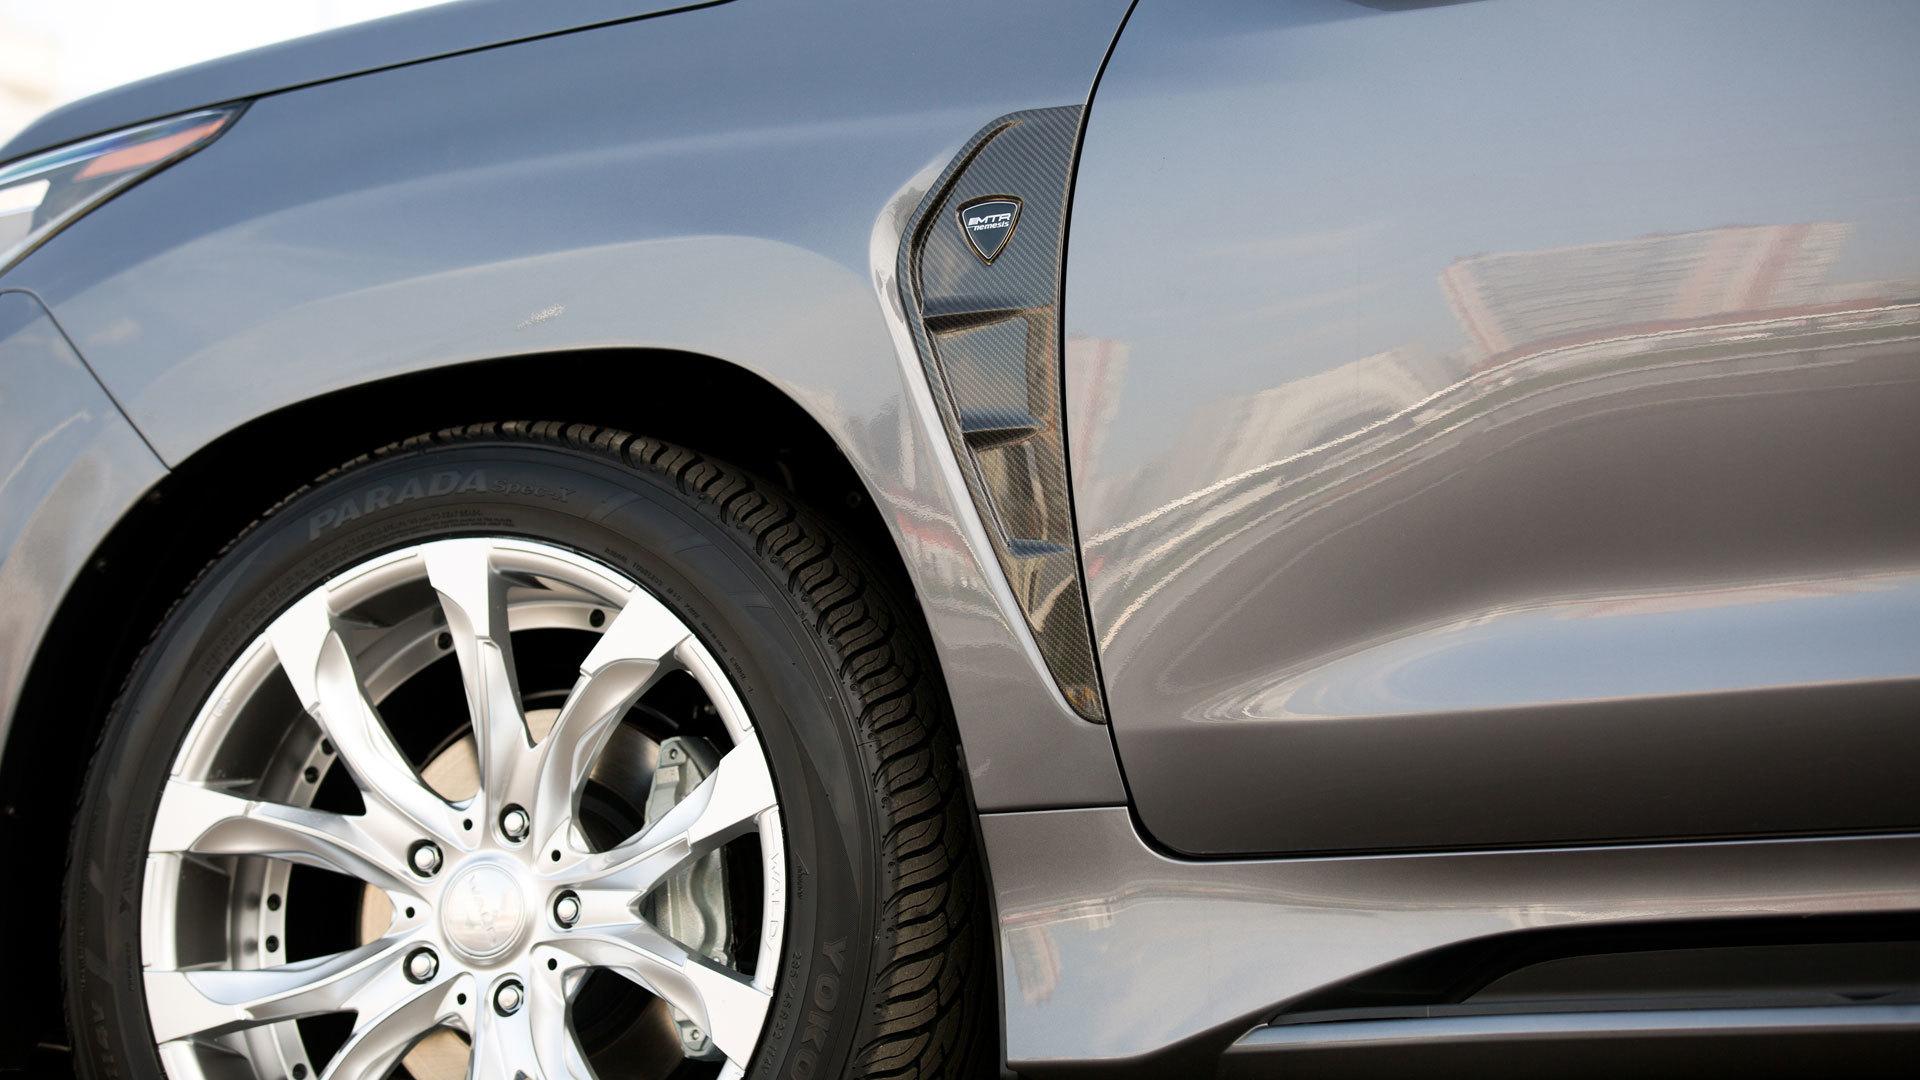 MTR Design Body kit for Lexus LX 570 latest model